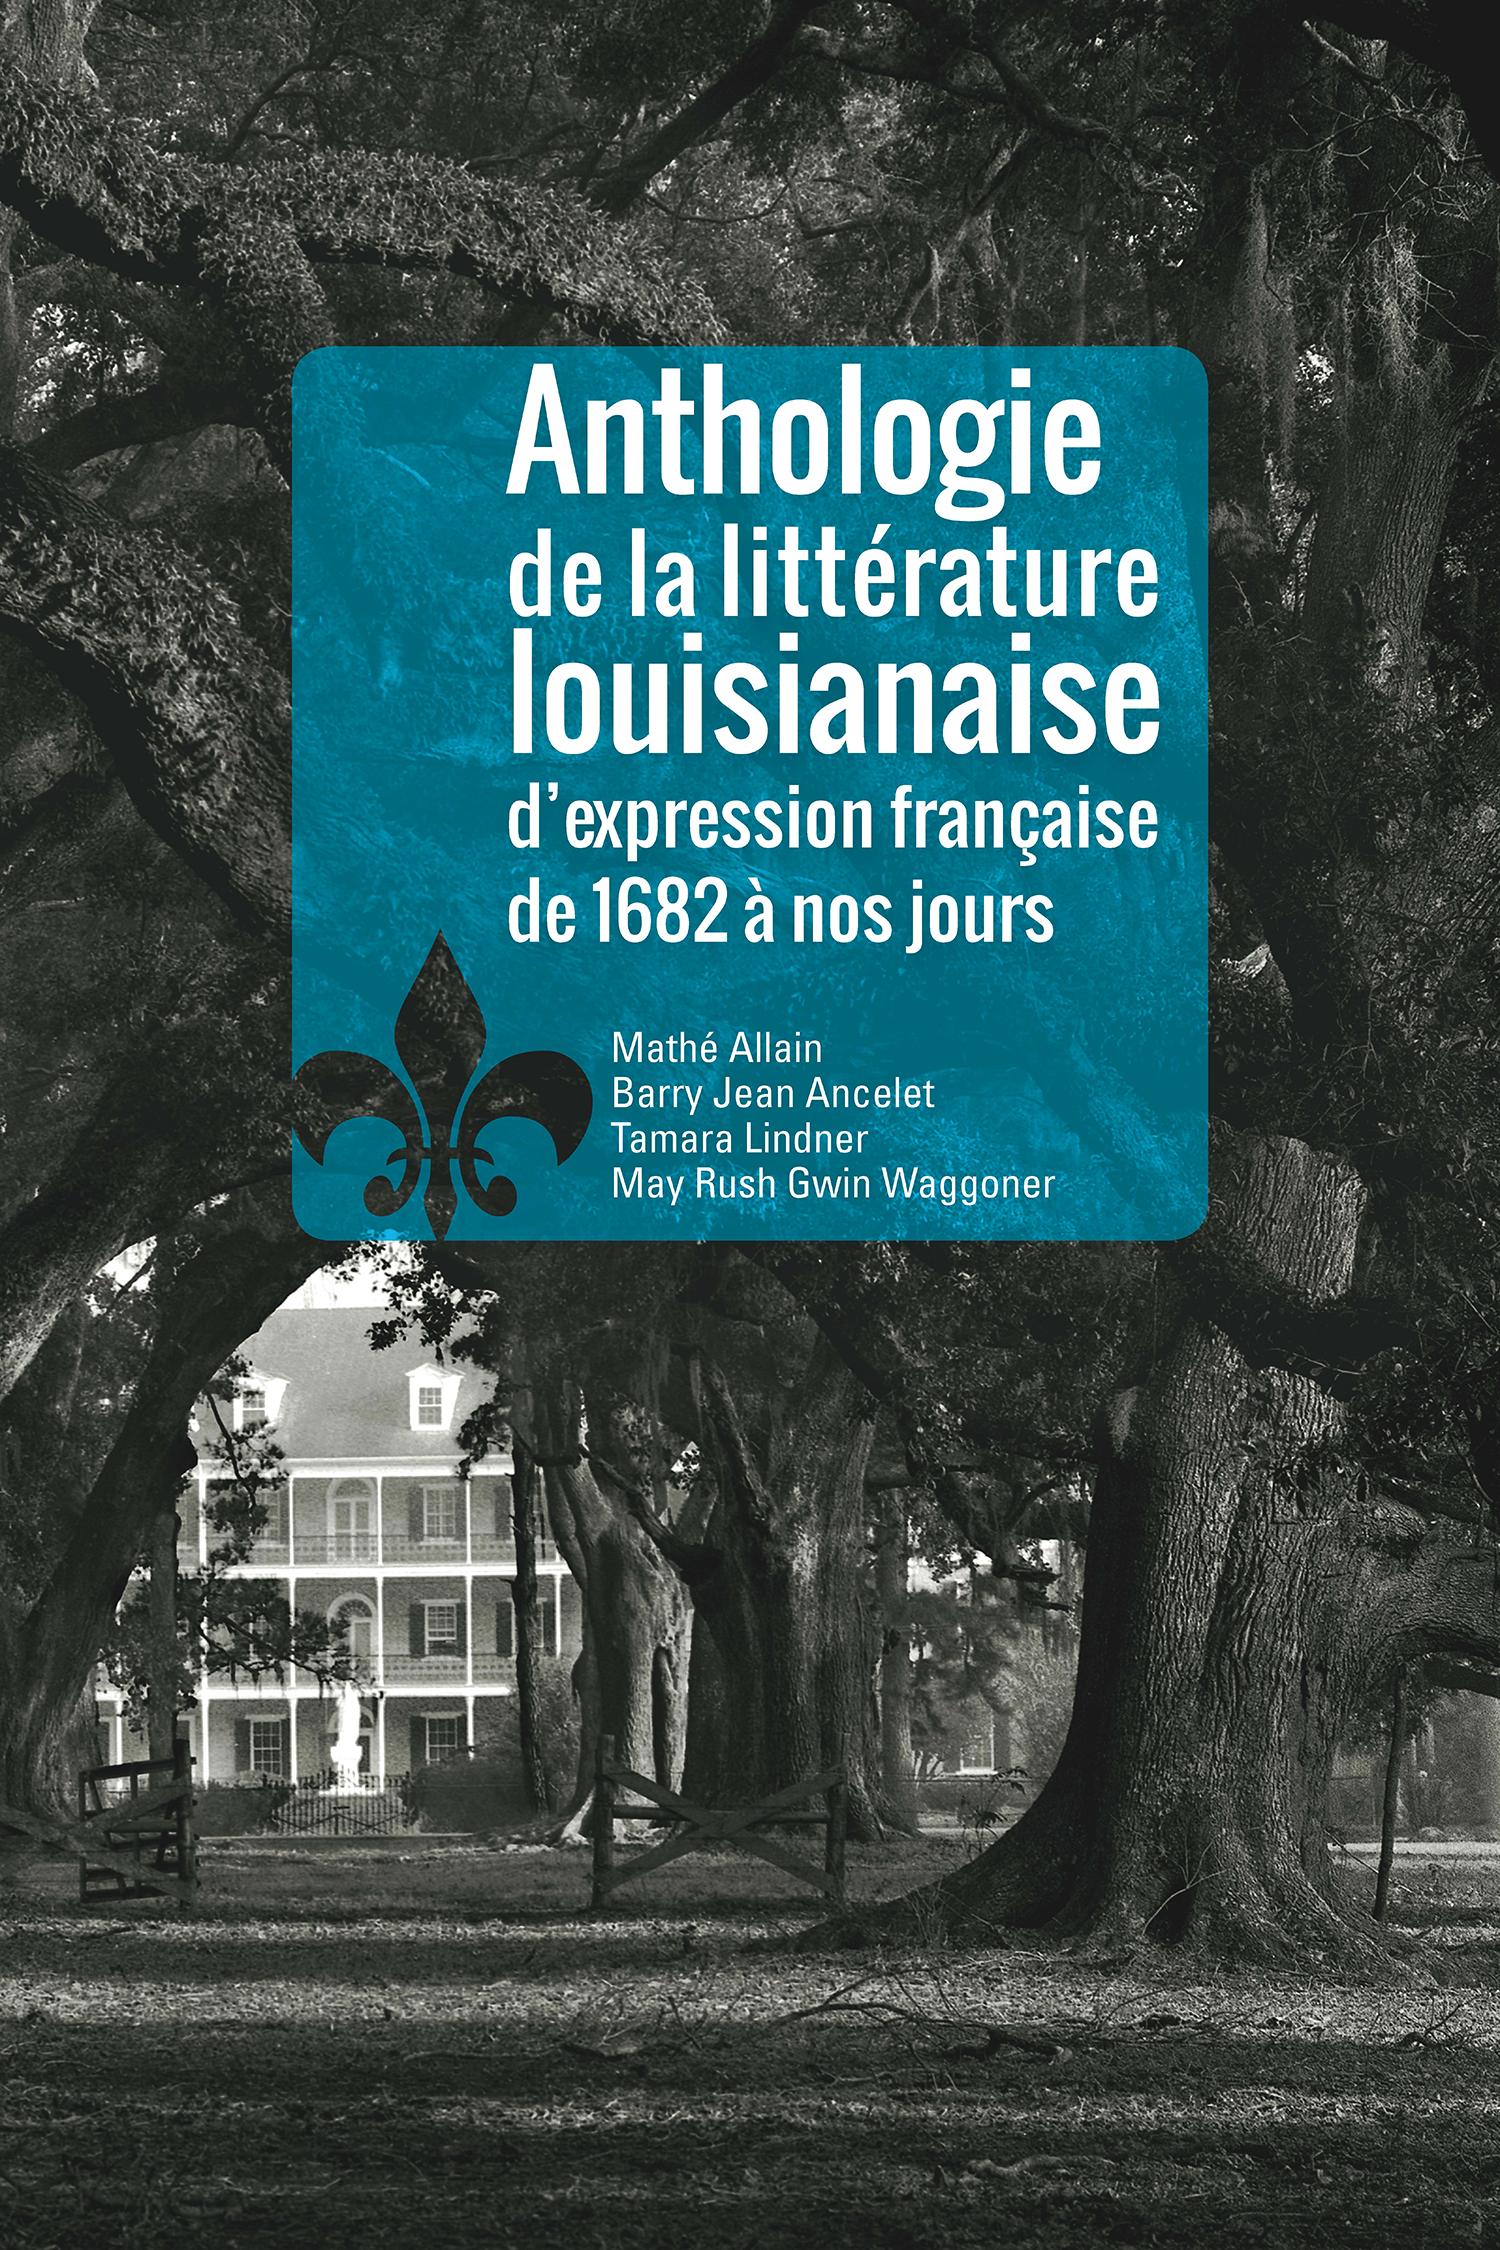 Anthologie de la littérature louisianaise d'expression française de1682 à nos jours